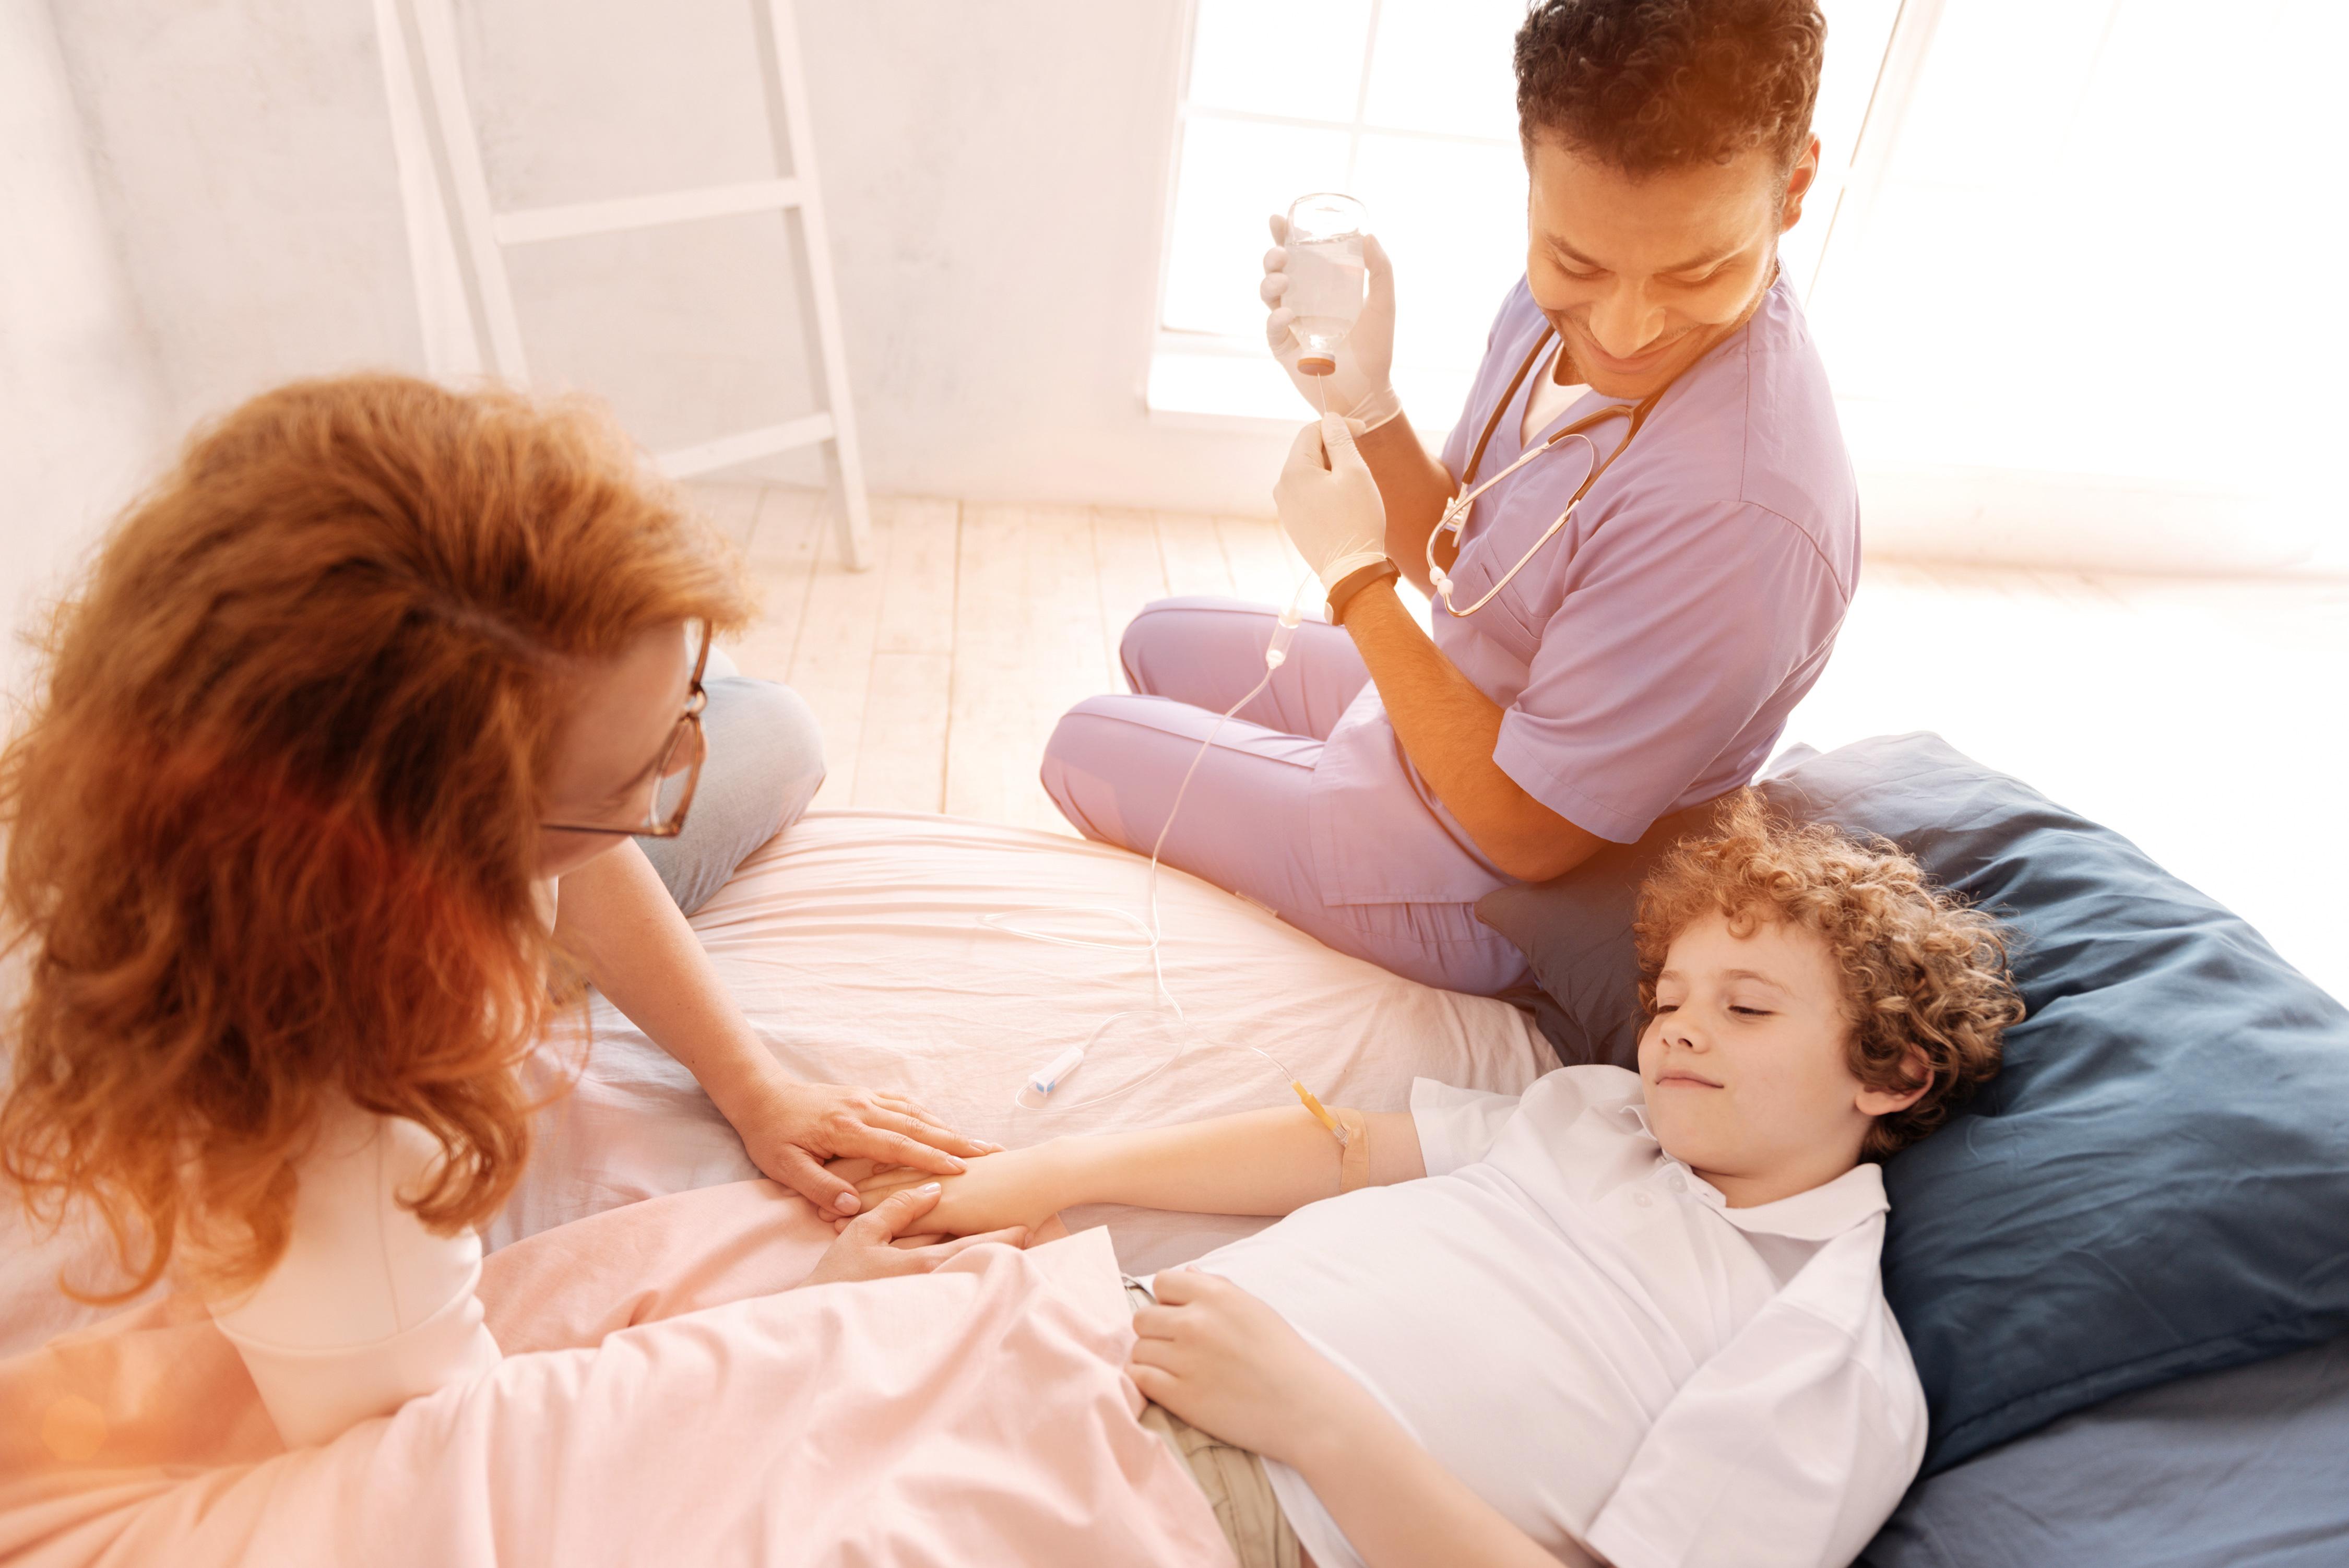 Lächelnder Arzt bei krankem Kind und seiner Mutter daheim